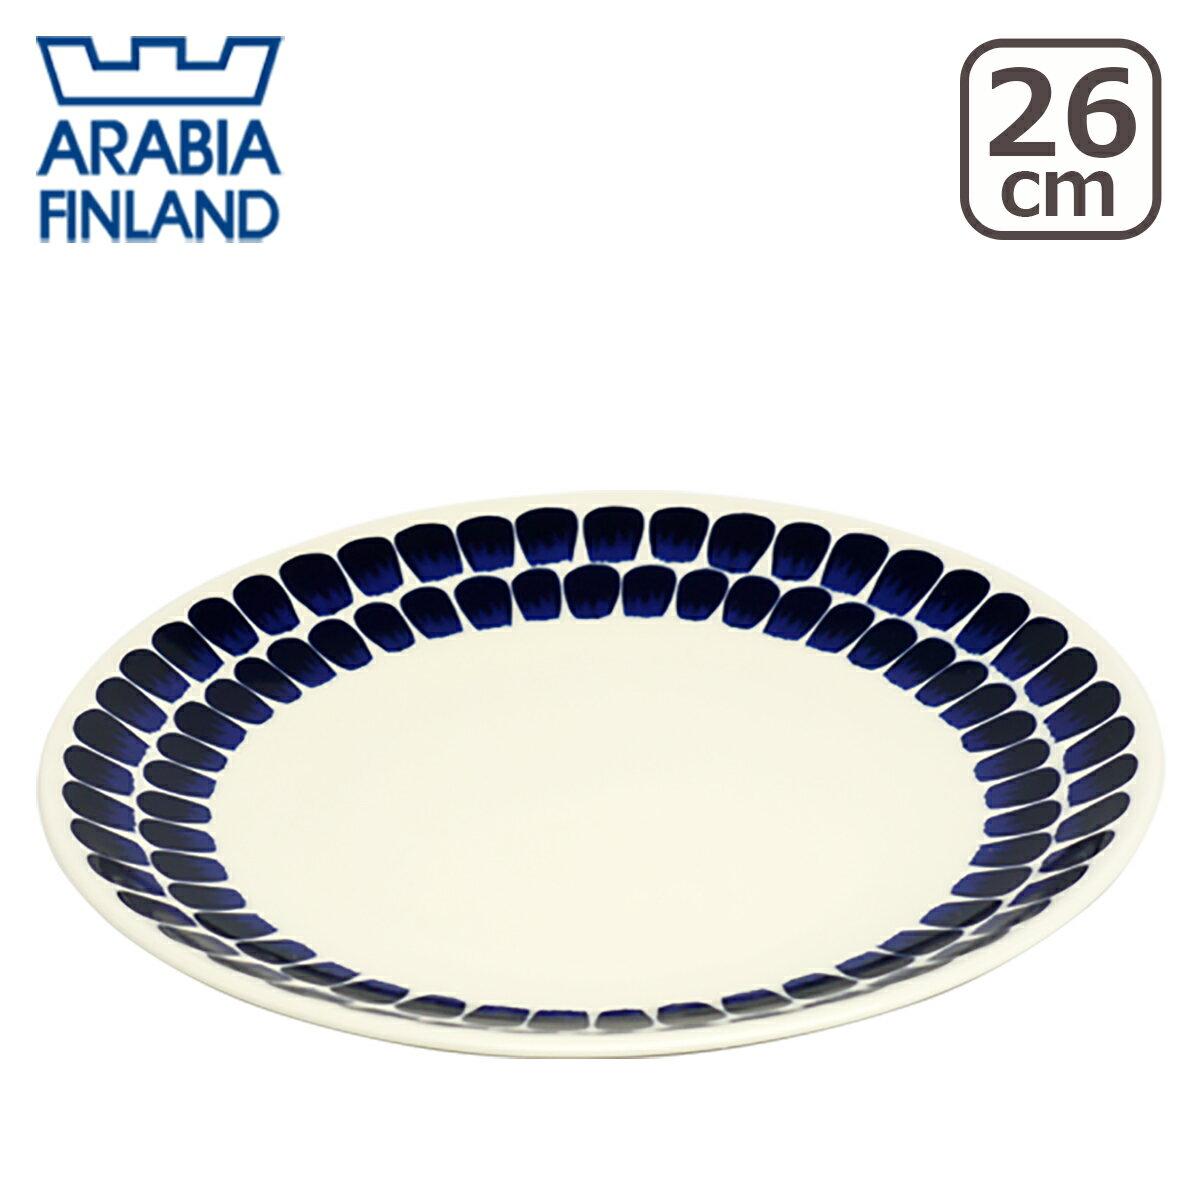 アラビア(Arabia ) 24h トゥオキオ (TUOKIO) 26cmプレート コバルトブルー 北欧 食器